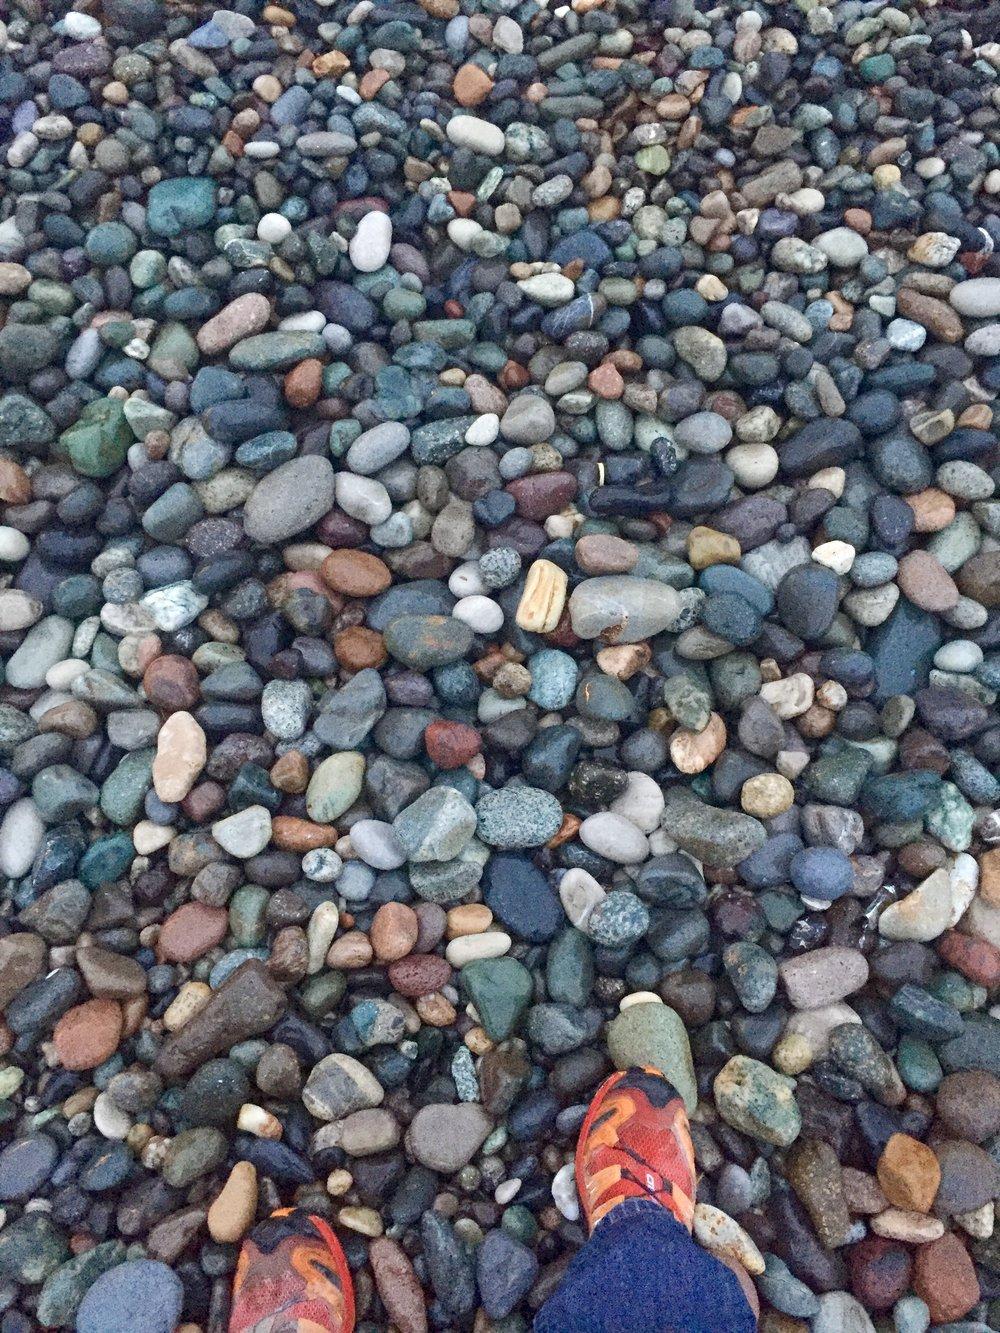 The pebbly beach in Batumi